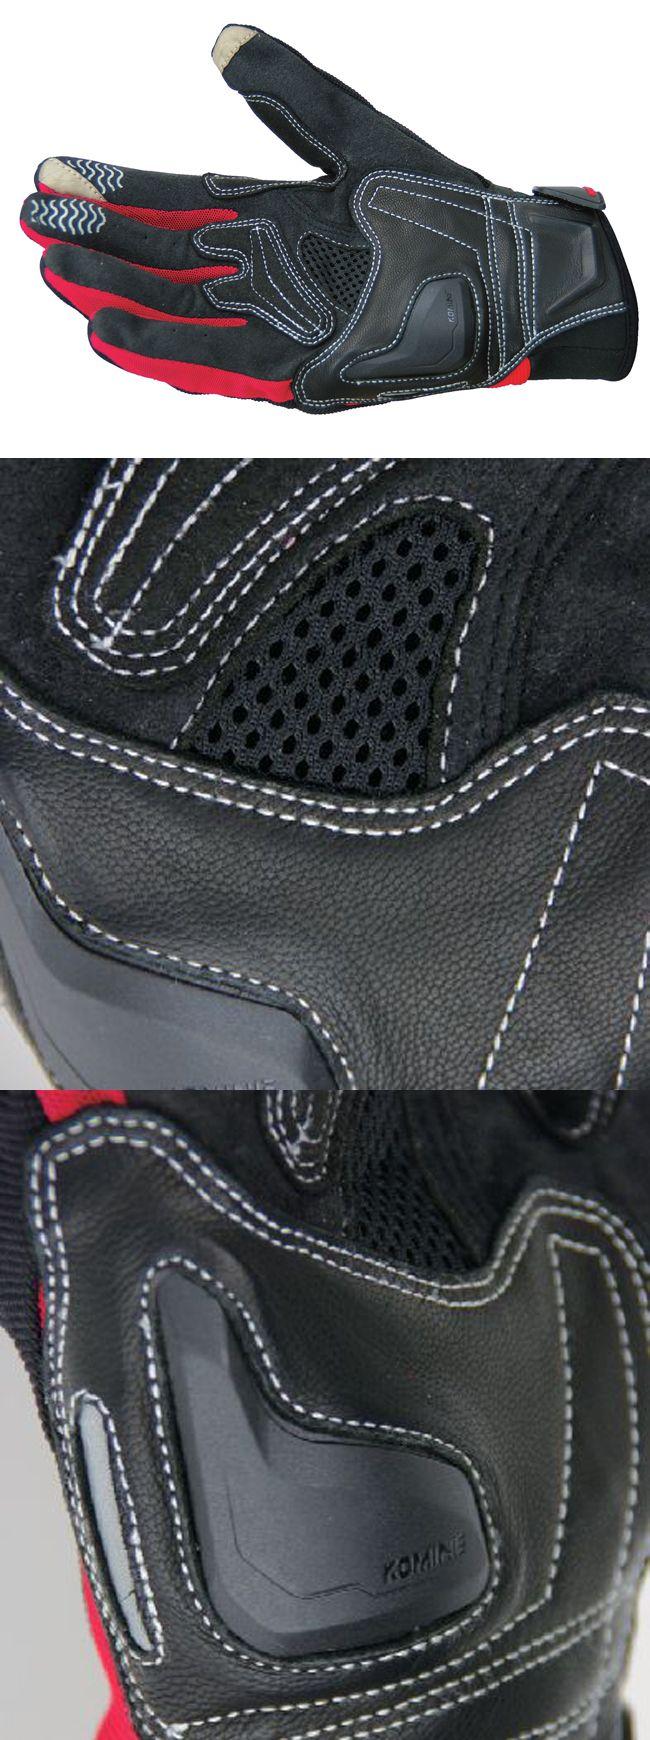 【KOMINE】GK-139 網格防護手套 Puraeto - 「Webike-摩托百貨」